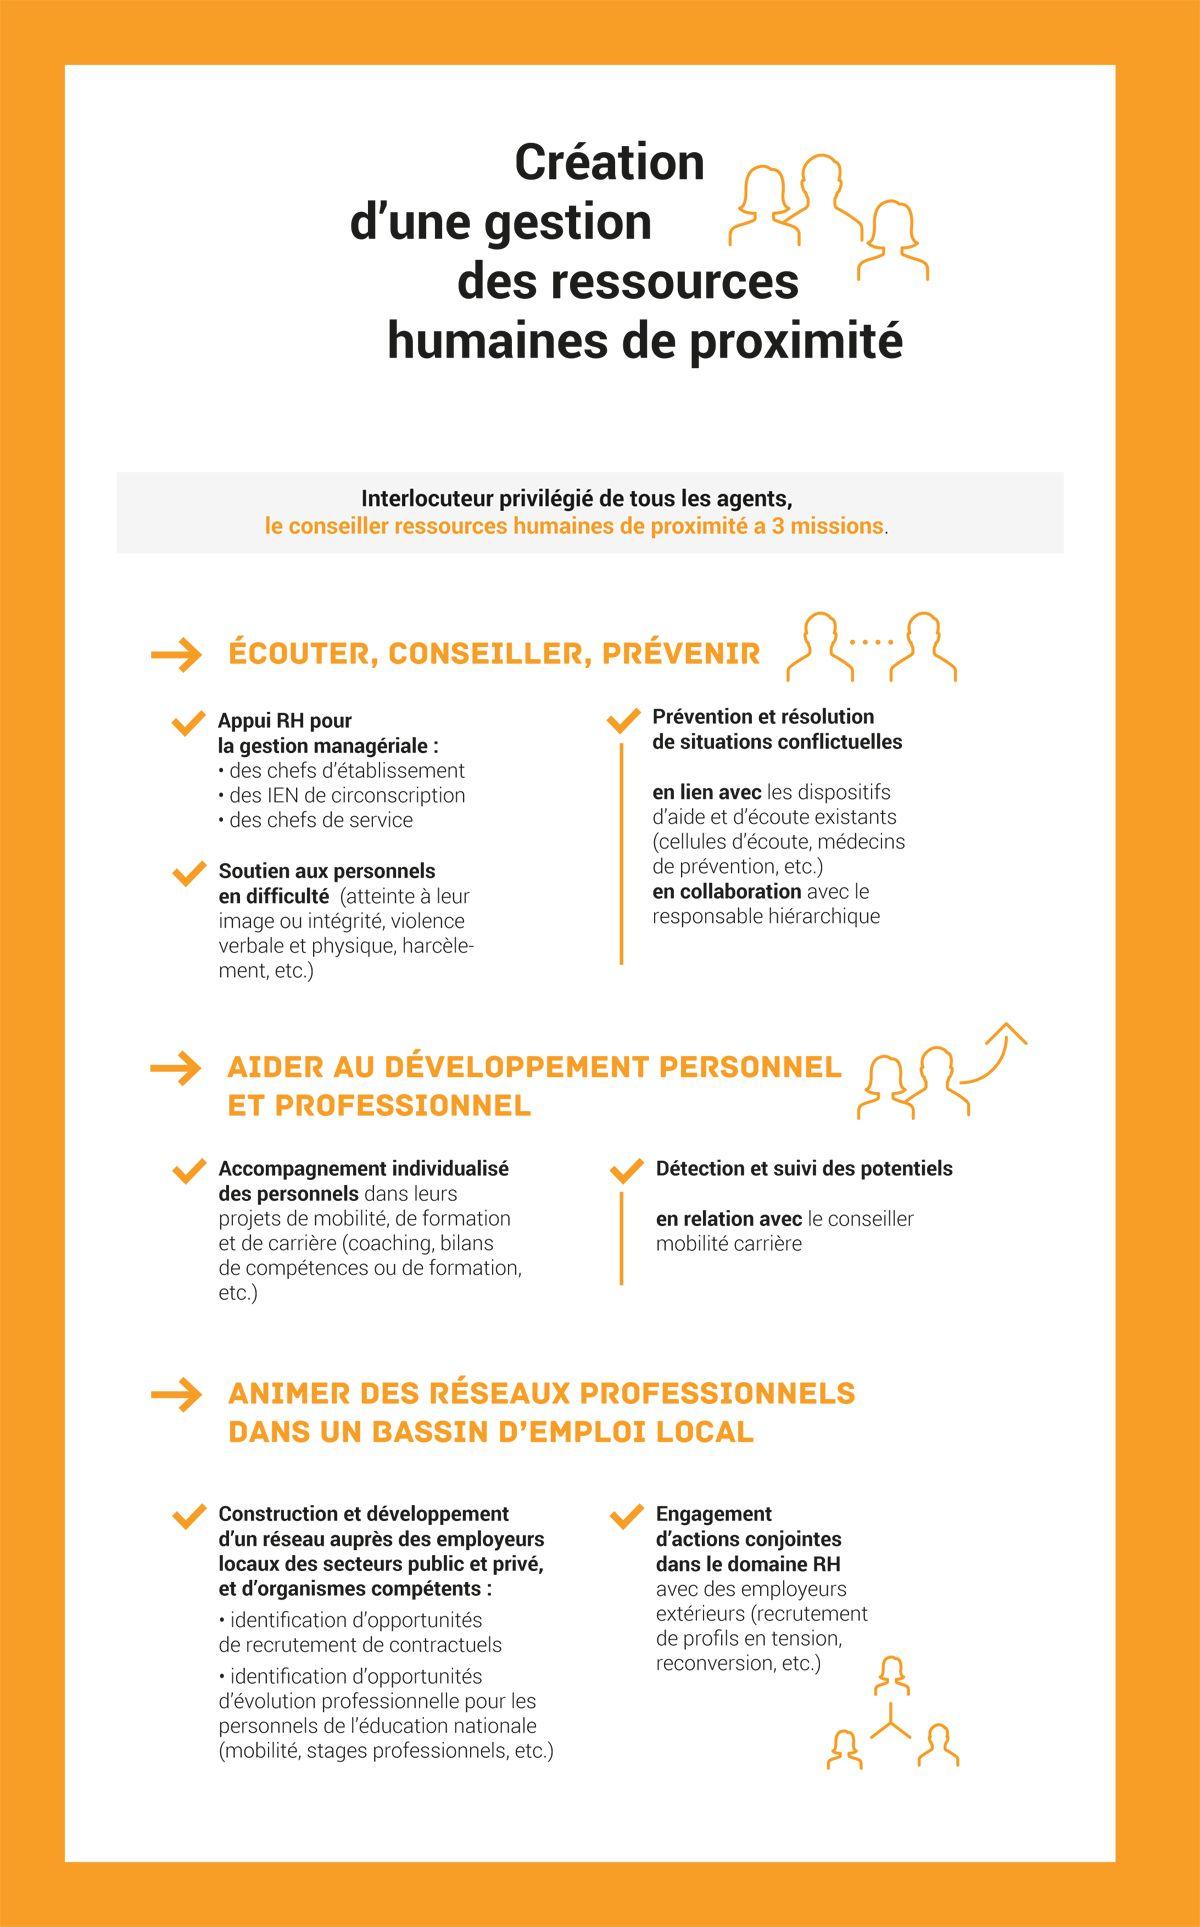 Emploi Et Handicap Mieux Accompagner La Personne En Situation De Handicap Gestion Des Ressources Humaines Ressources Humaines Gestion